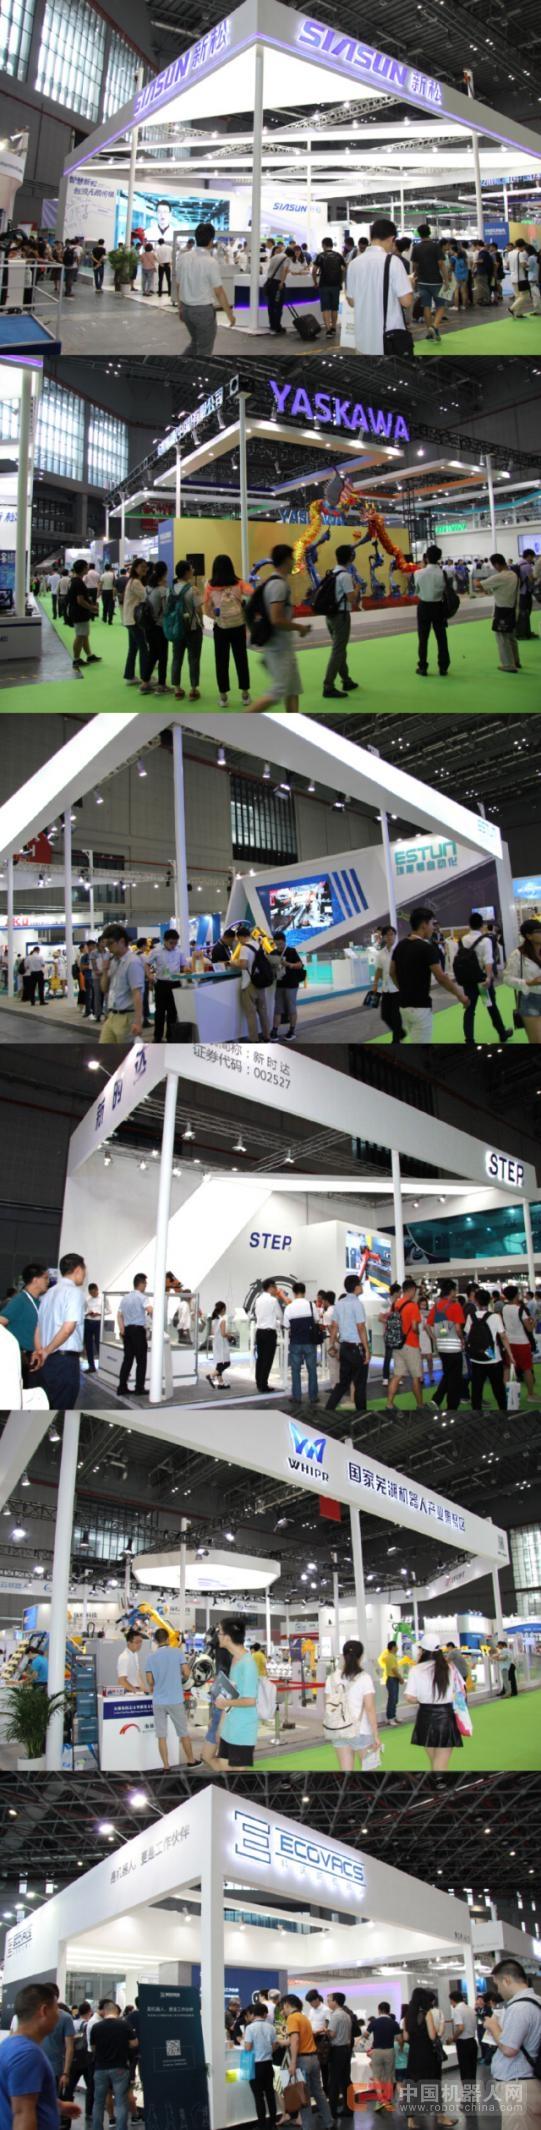 5年积淀,再续辉煌——CIROS2017第6届中国国际机器人展览会